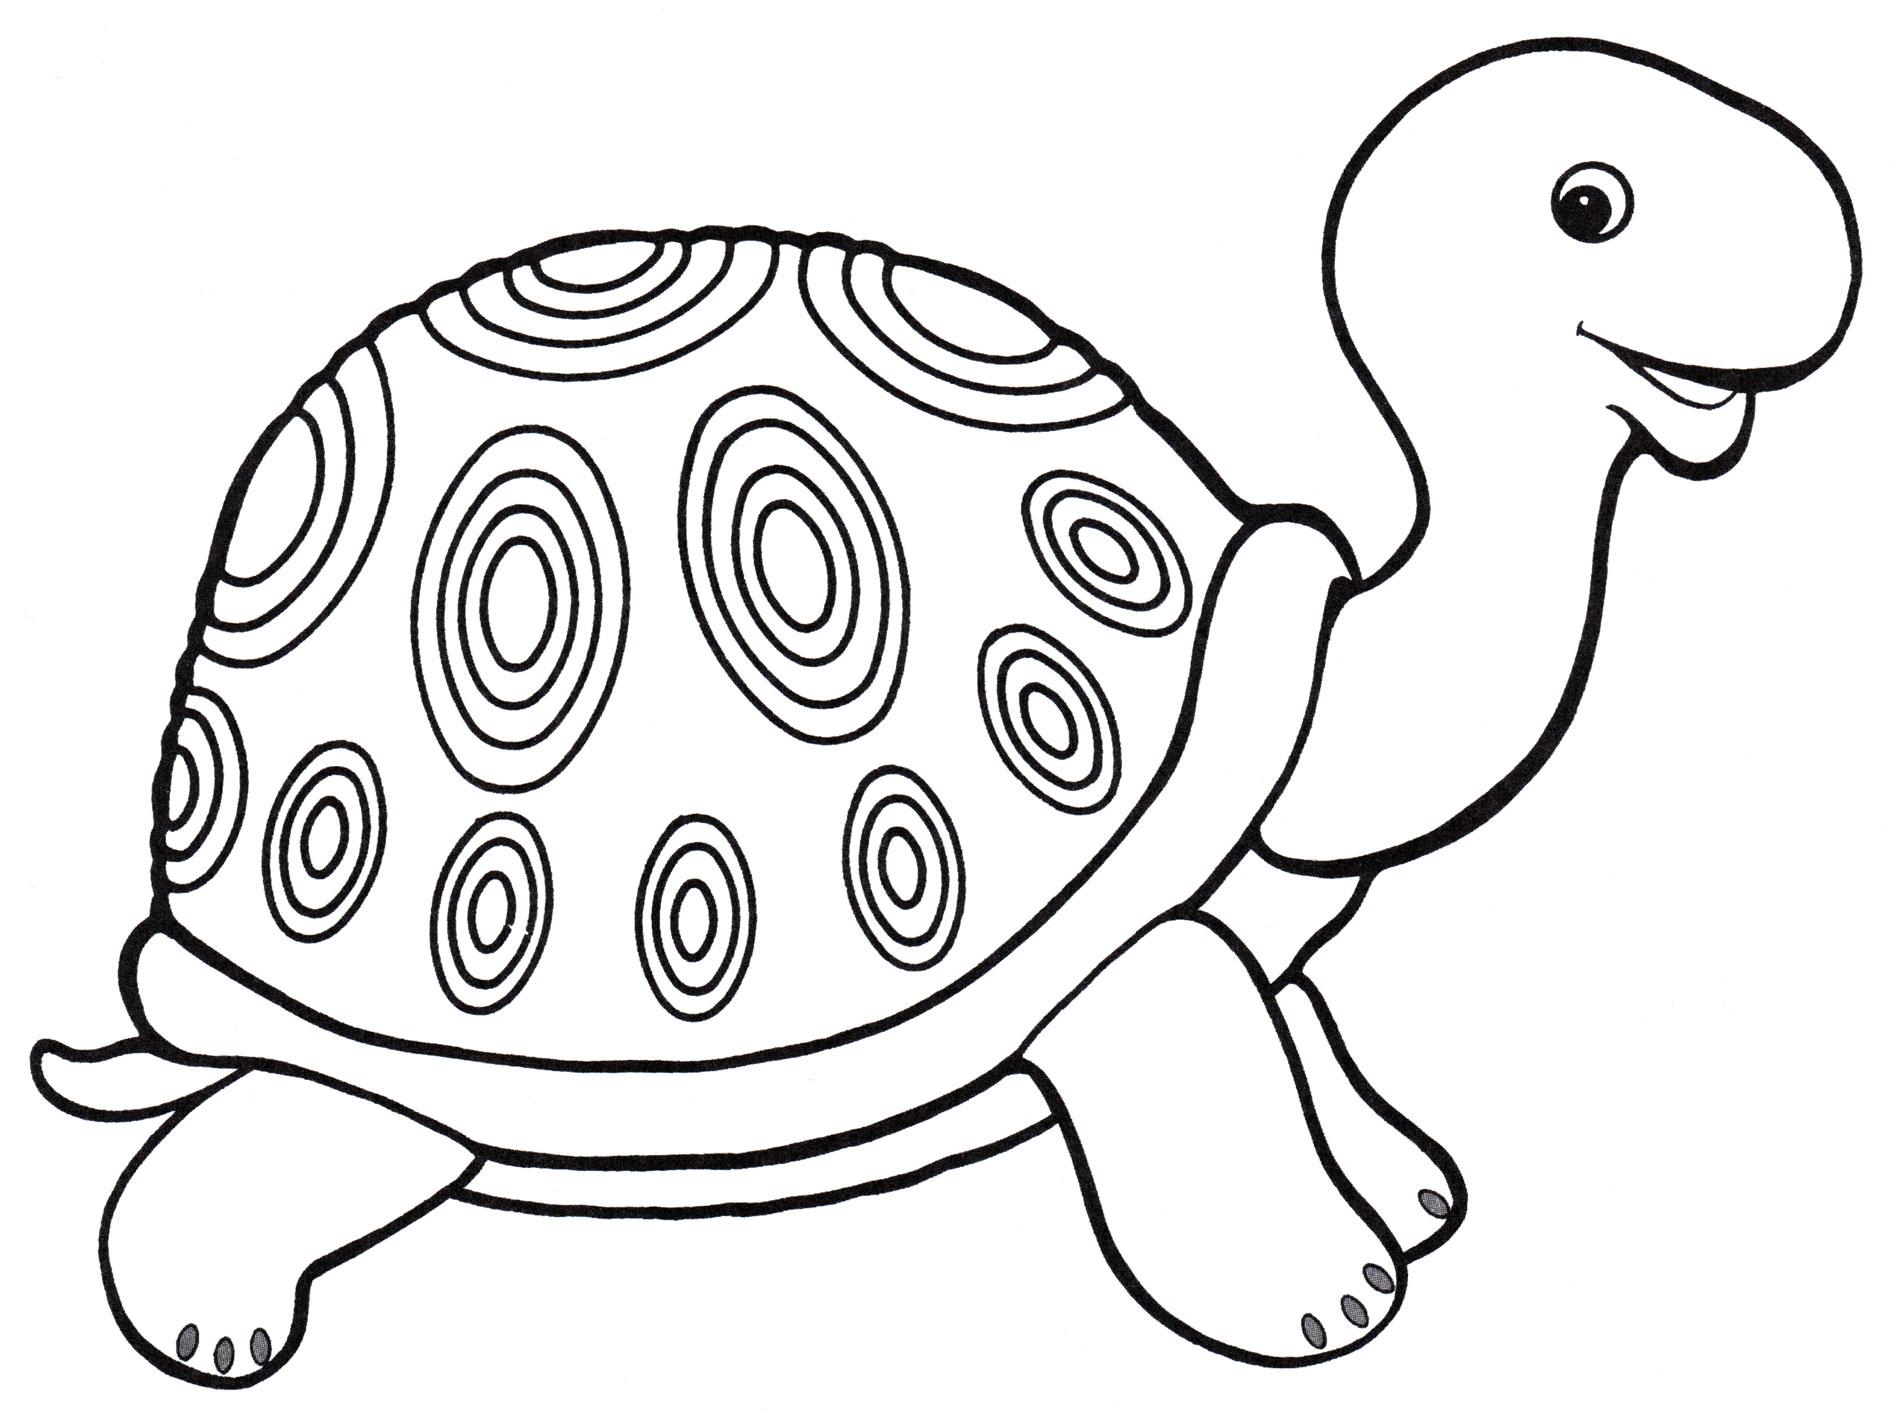 Раскраска Добрая черепаха - распечатать бесплатно